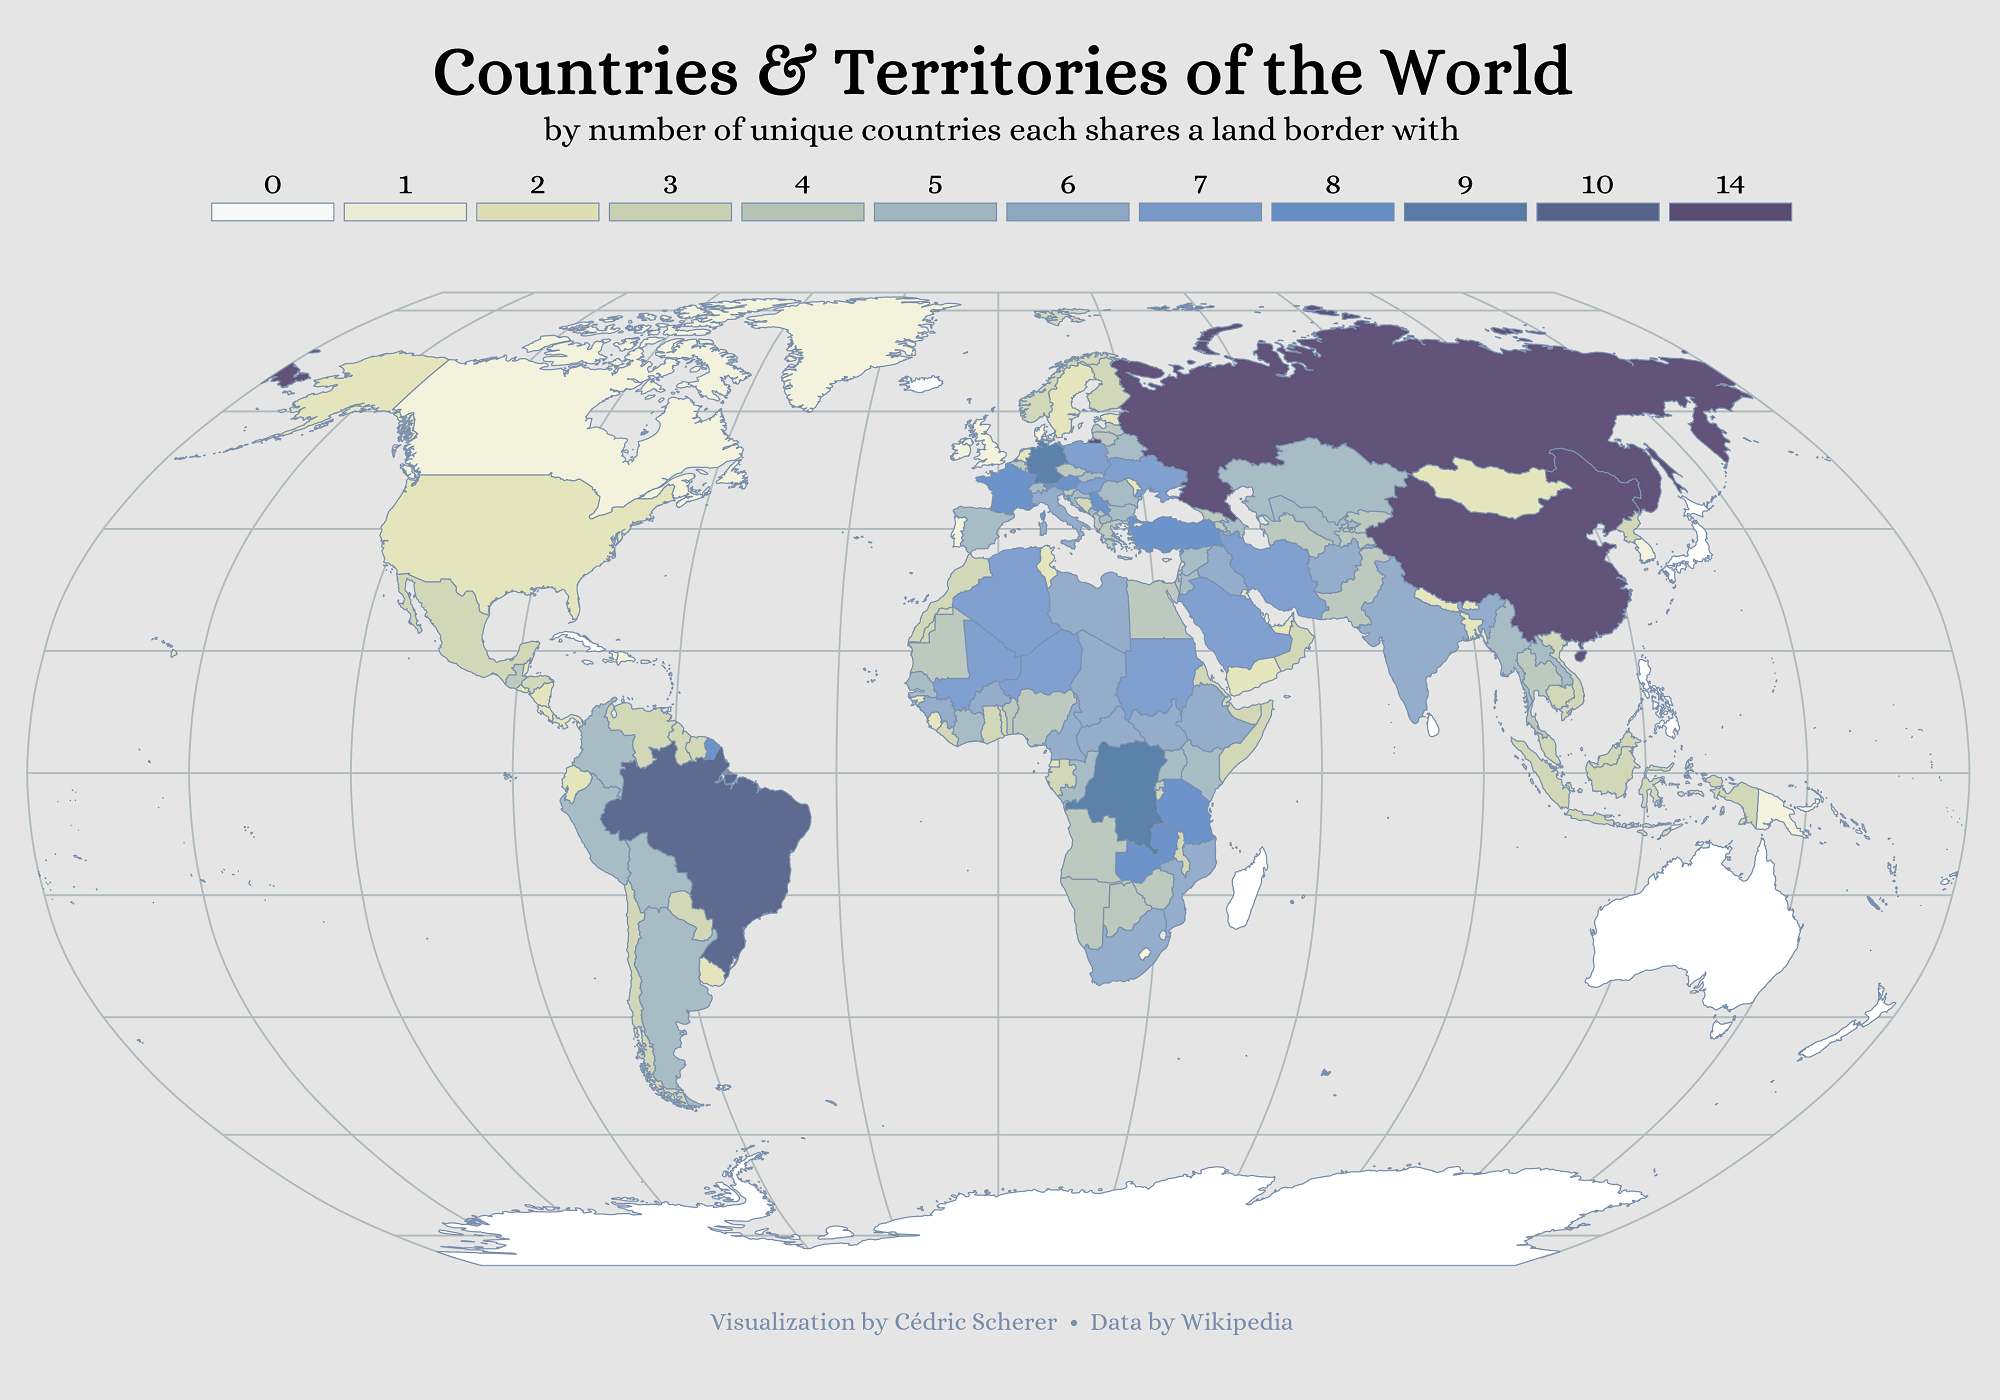 Global Land Borders